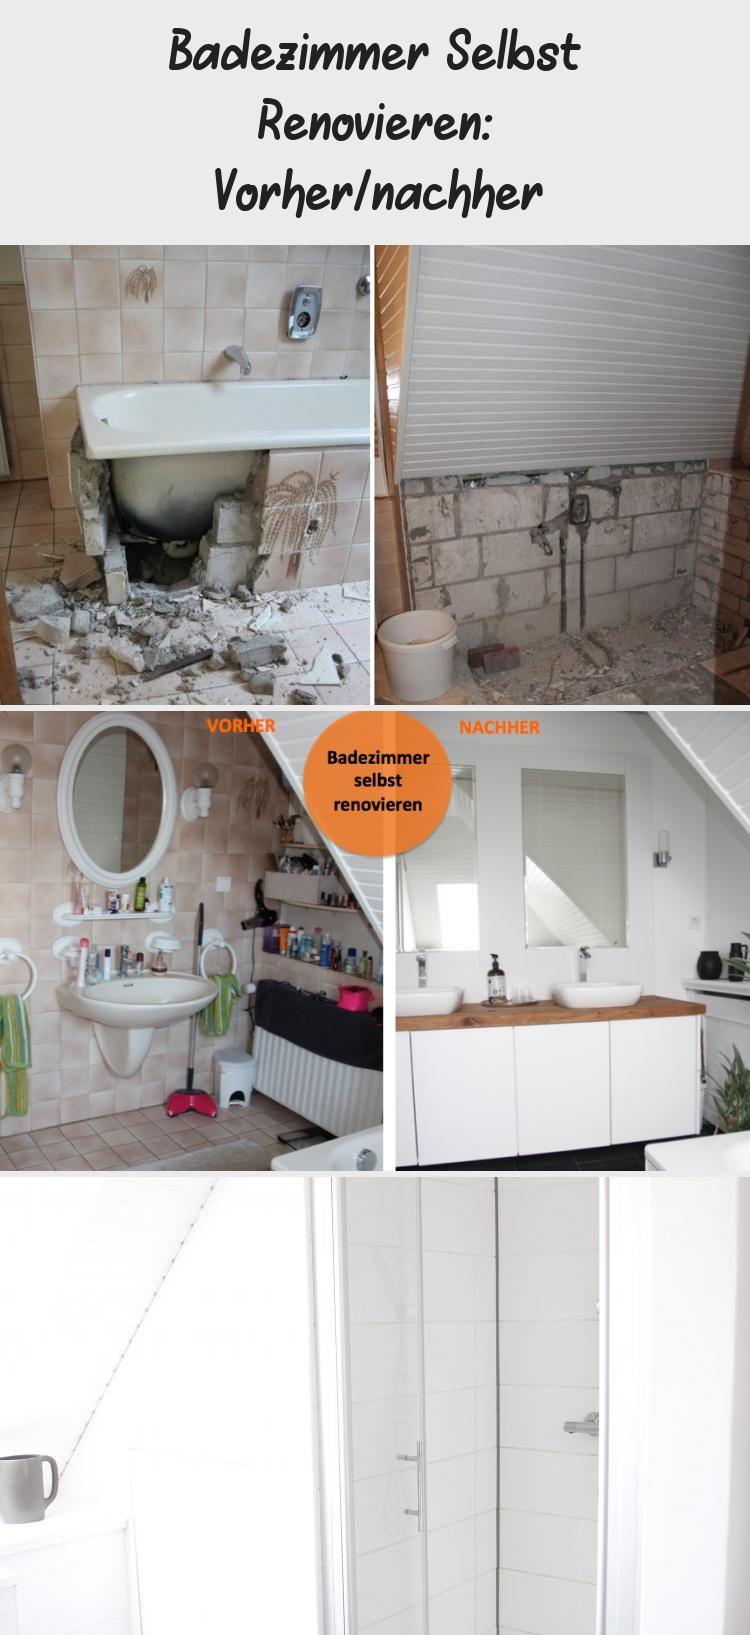 Badezimmer Selbst Renovieren Vorher Nachher Round Mirror